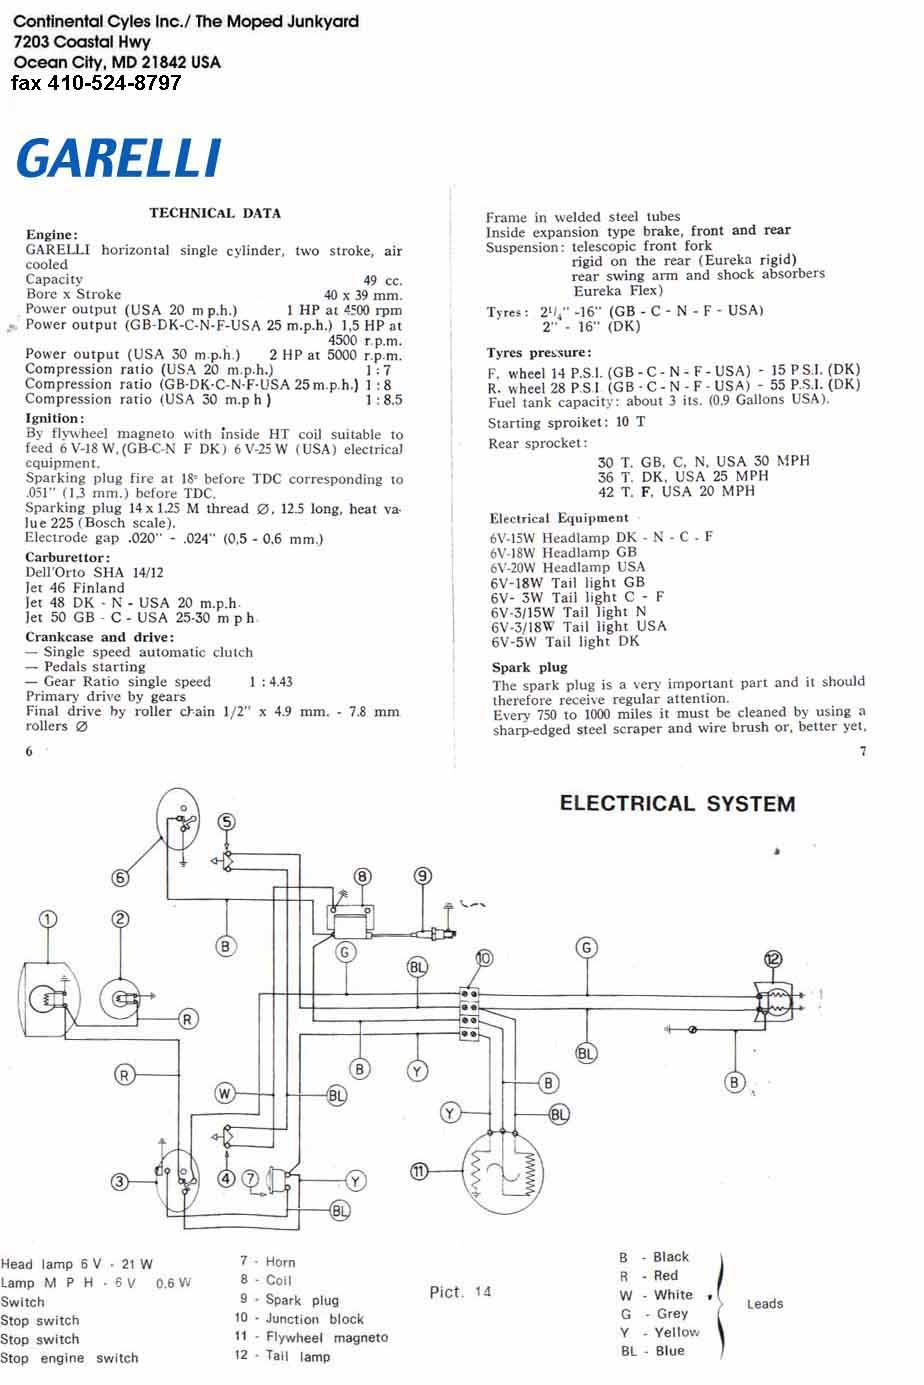 garelli wiring diagram 2007 kymco 150 wiring diagram Aermacchi Wiring Diagram